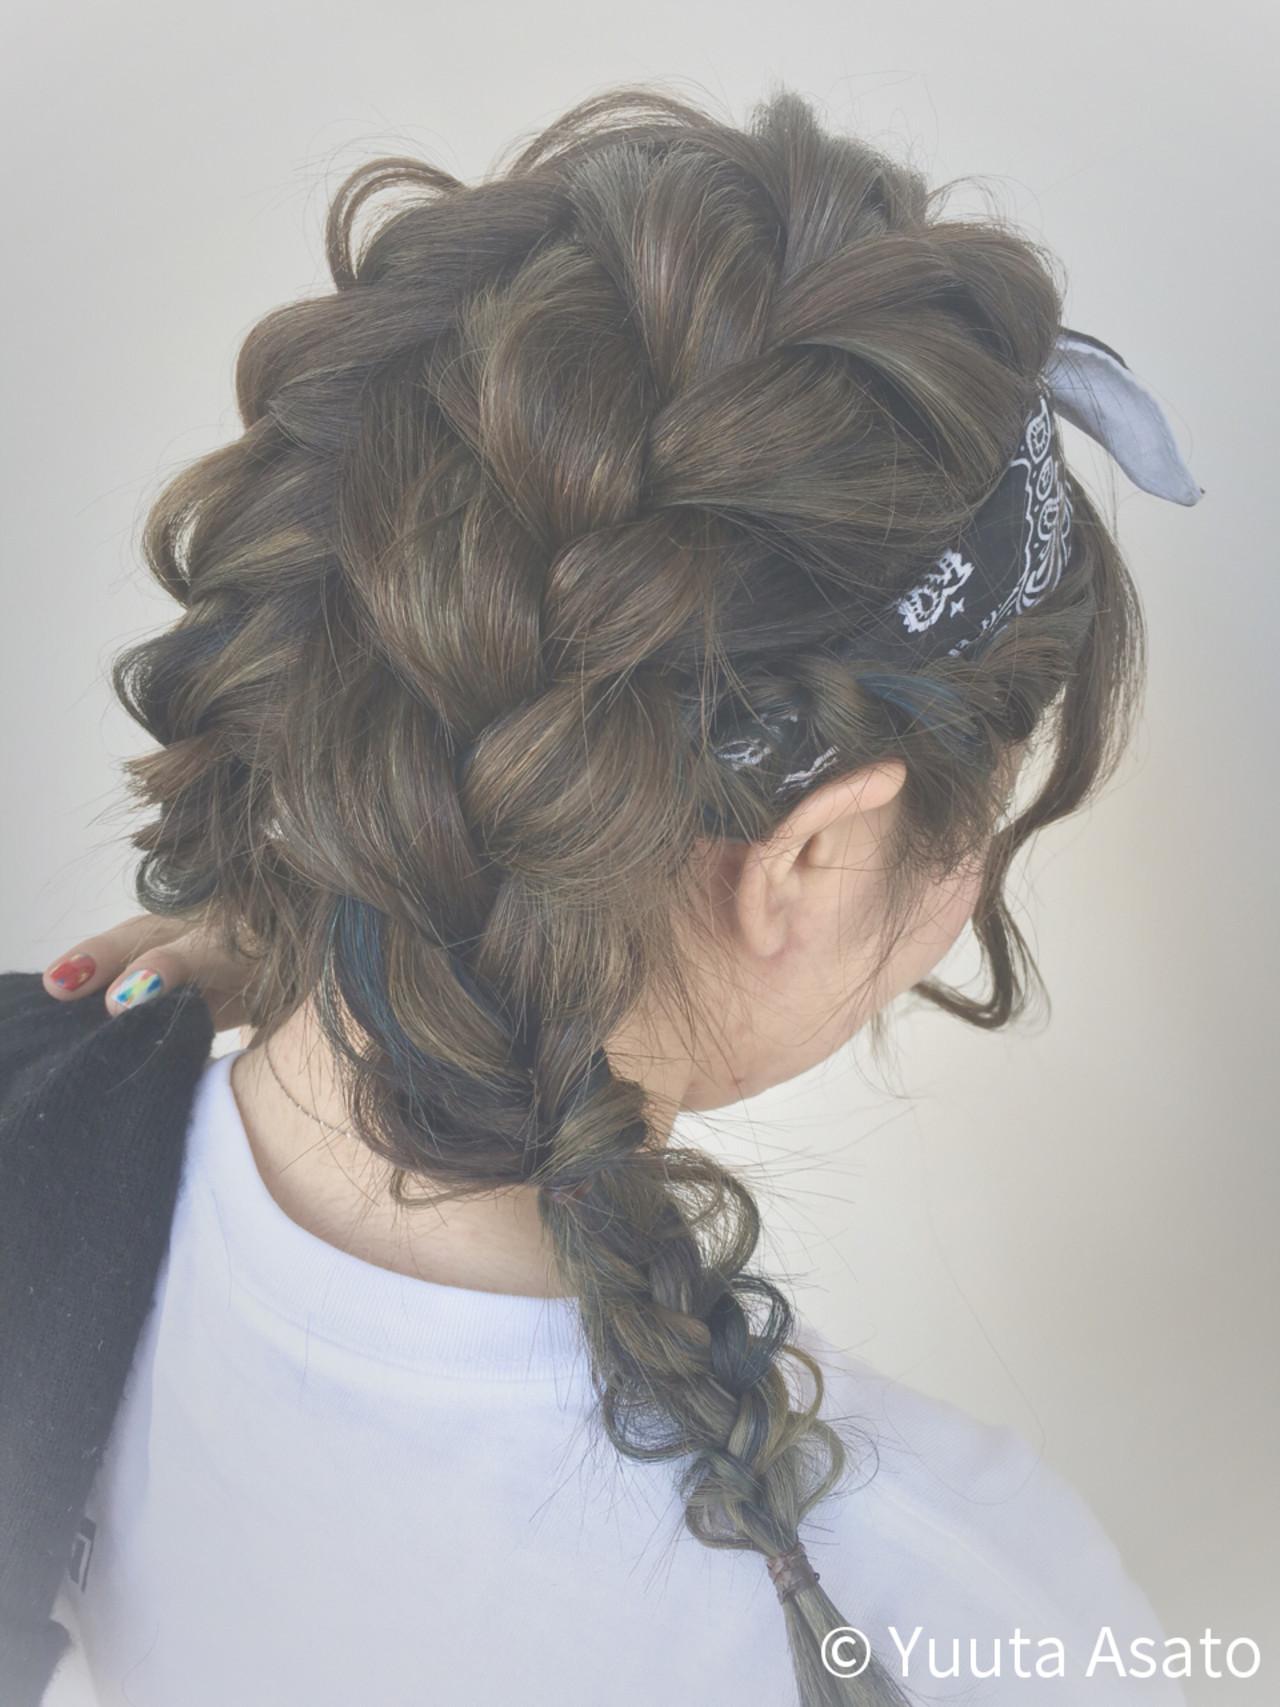 デートに♡三つ編みツインテールヘアバンドヘア Yuuta Asato